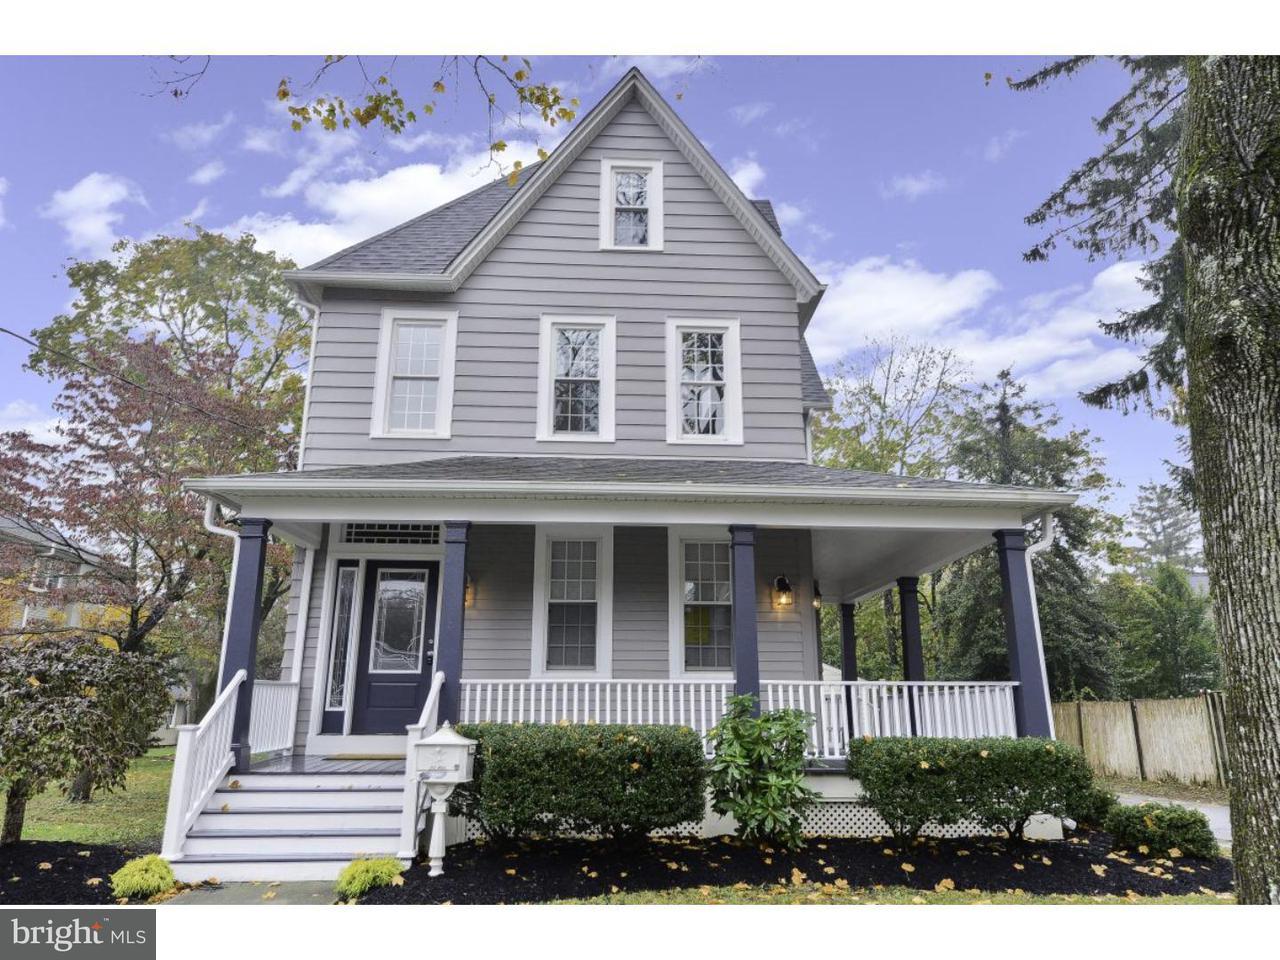 独户住宅 为 销售 在 9 S MARION Avenue Wenonah, 新泽西州 08090 美国